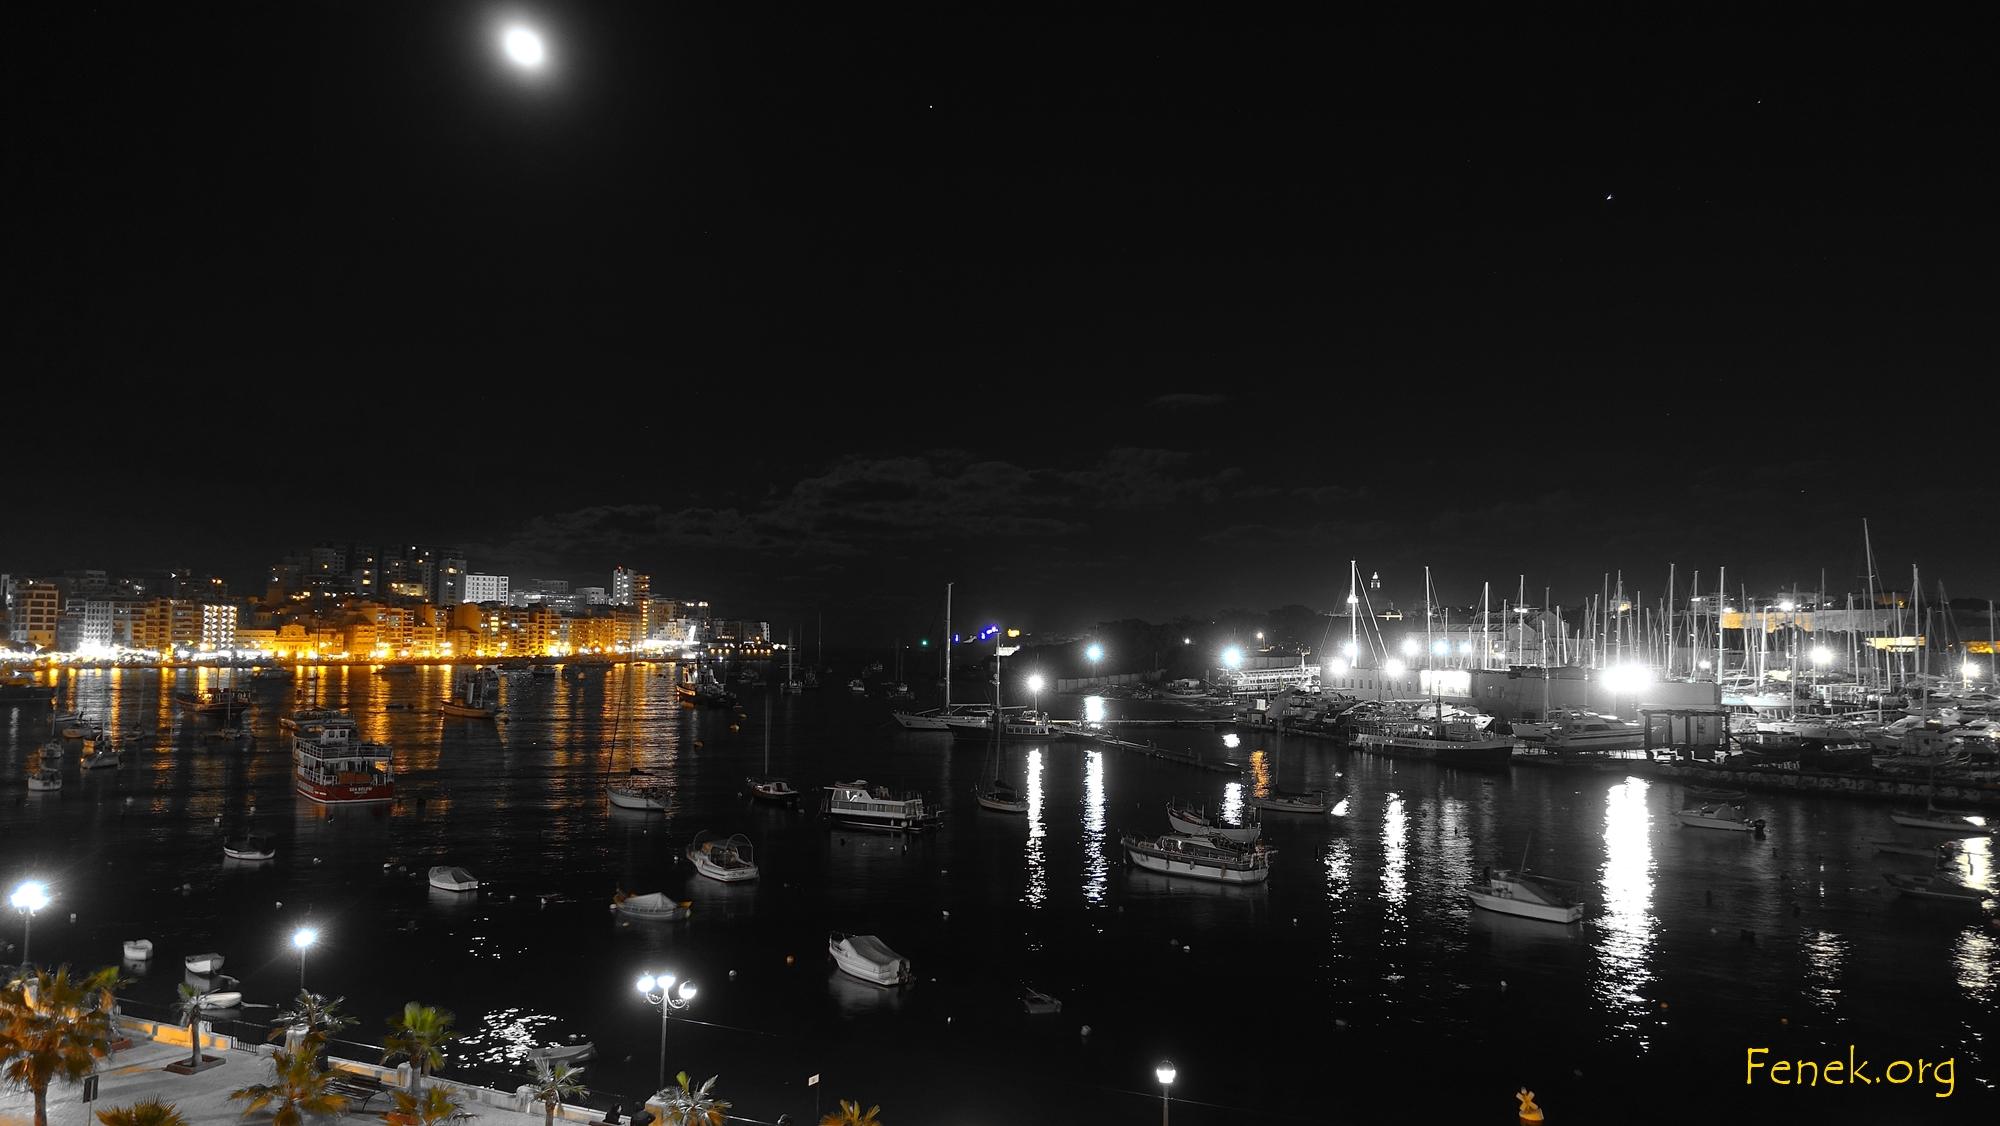 Ankunft am Abend in Sliema - Valletta